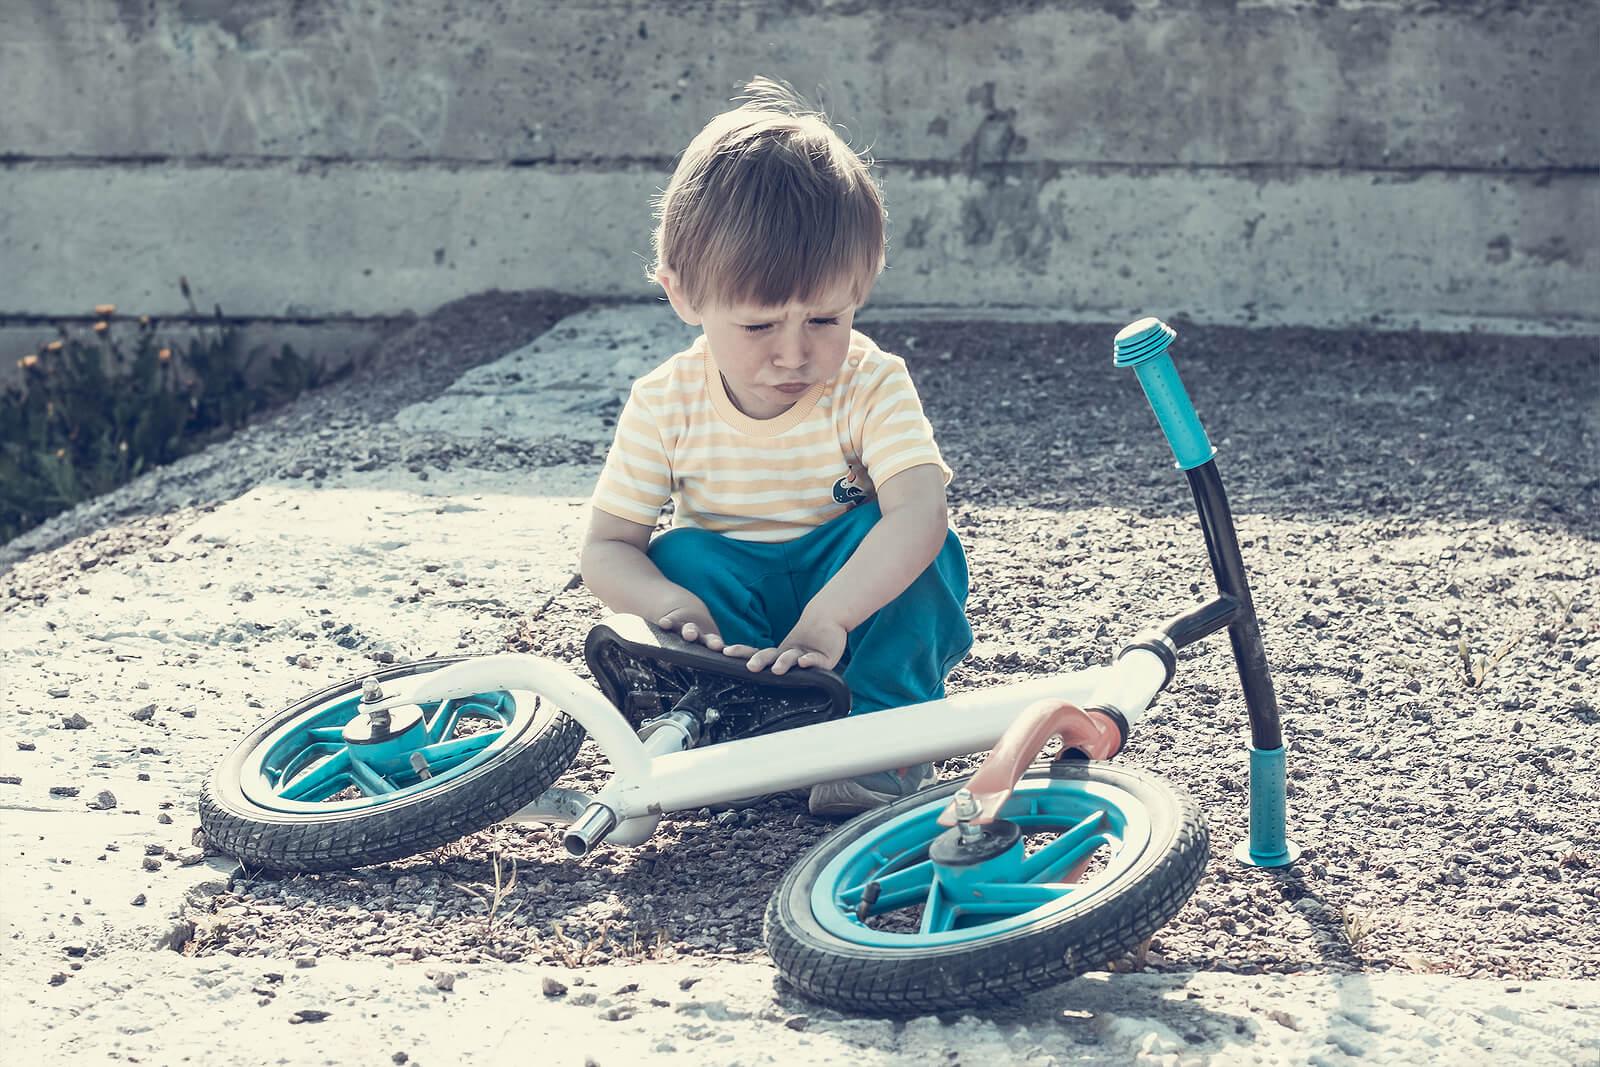 Niño de 2 años con la bicicleta tirada por el suelo.